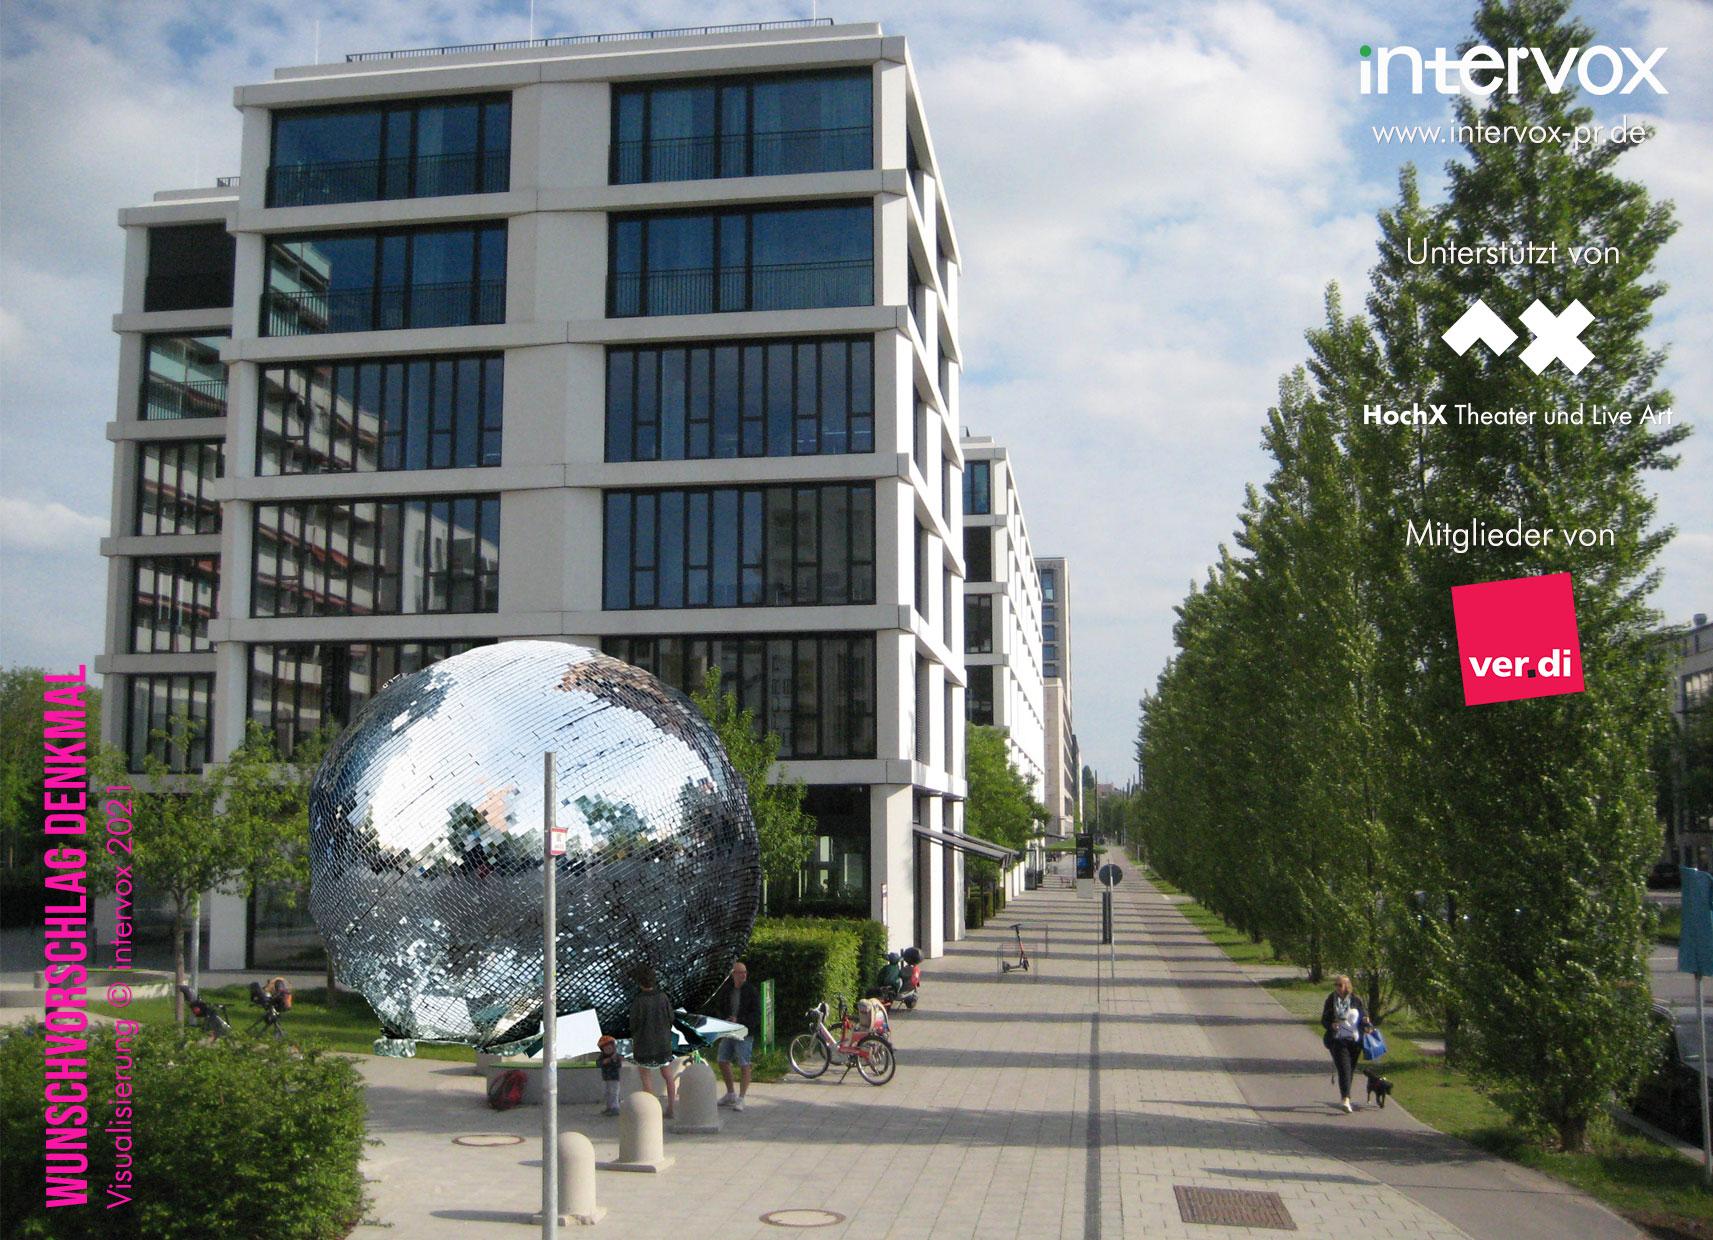 Wunschvorschlag Denkmal, Visualisierung (c) intervox 2021